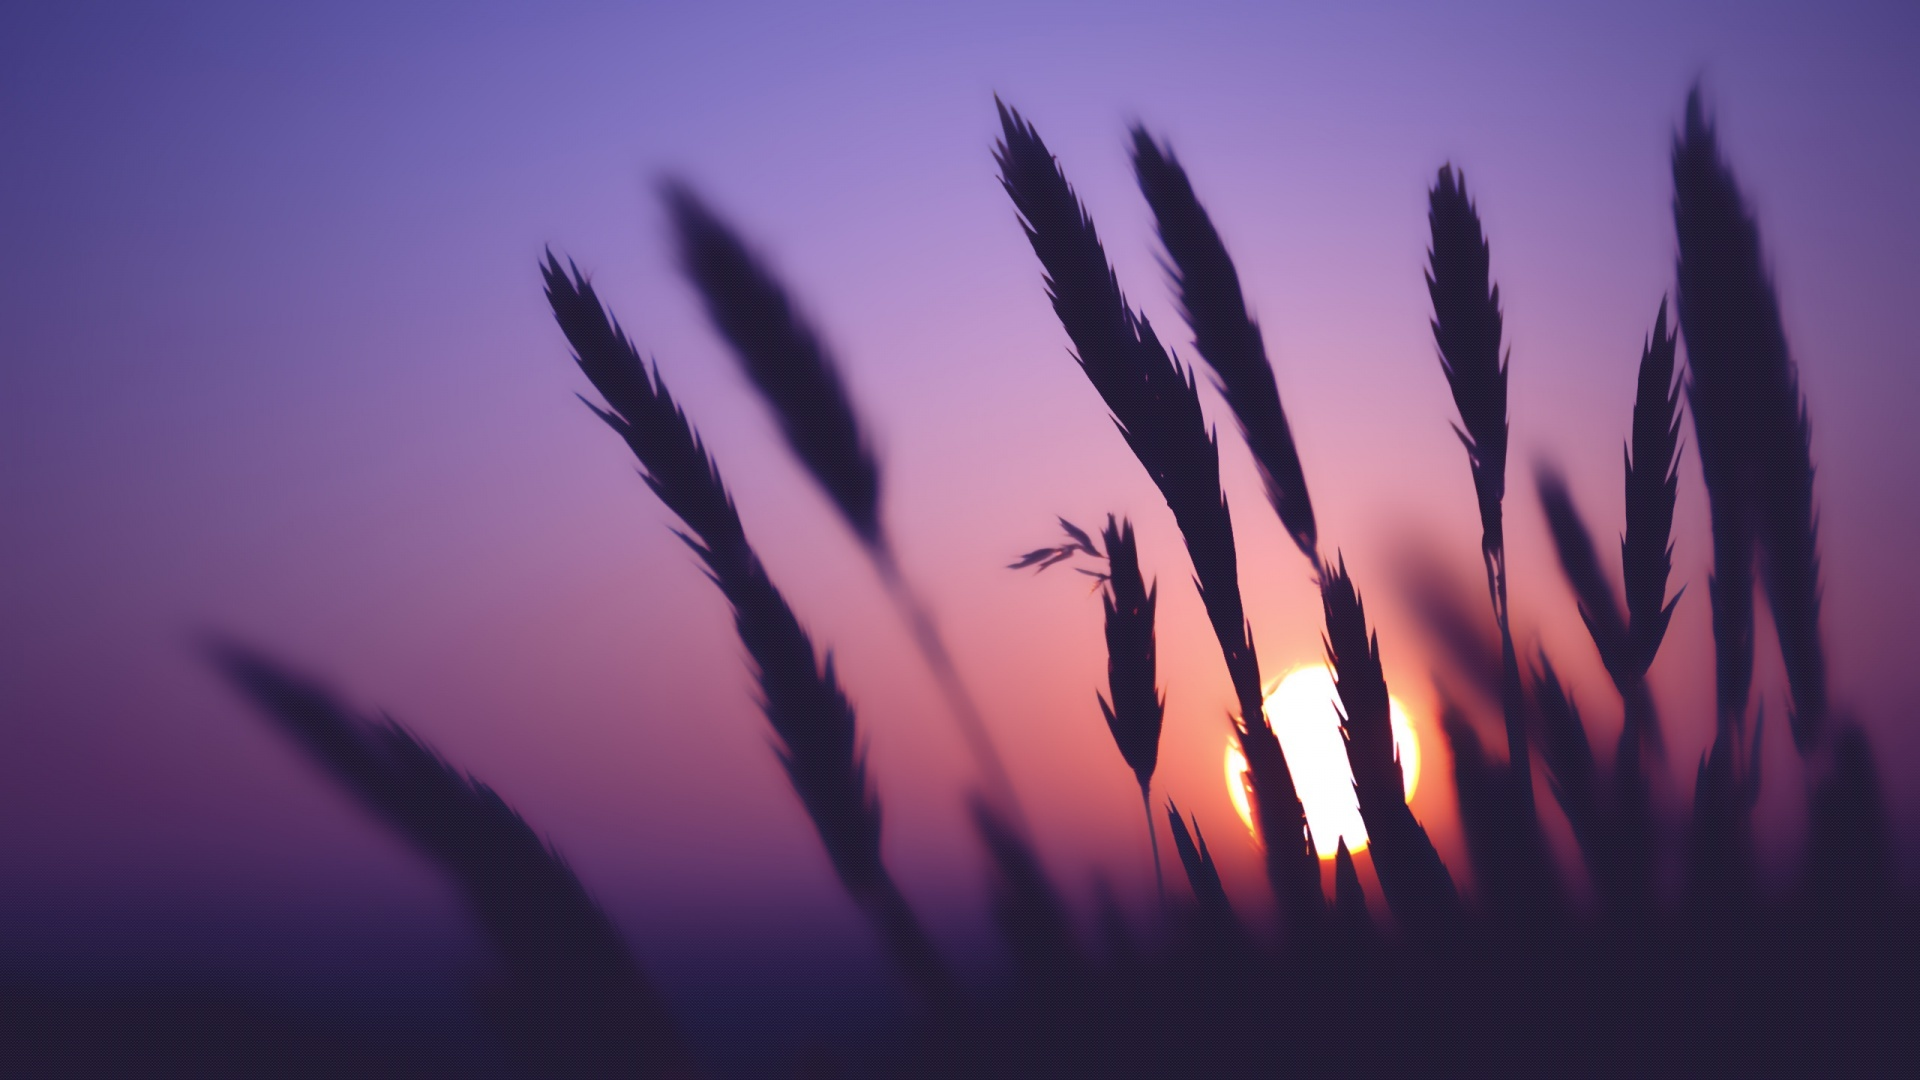 Фотографии силуэты Солнце Природа колоски рассвет и закат Силуэт силуэта солнца Колос колосья колосок Рассветы и закаты